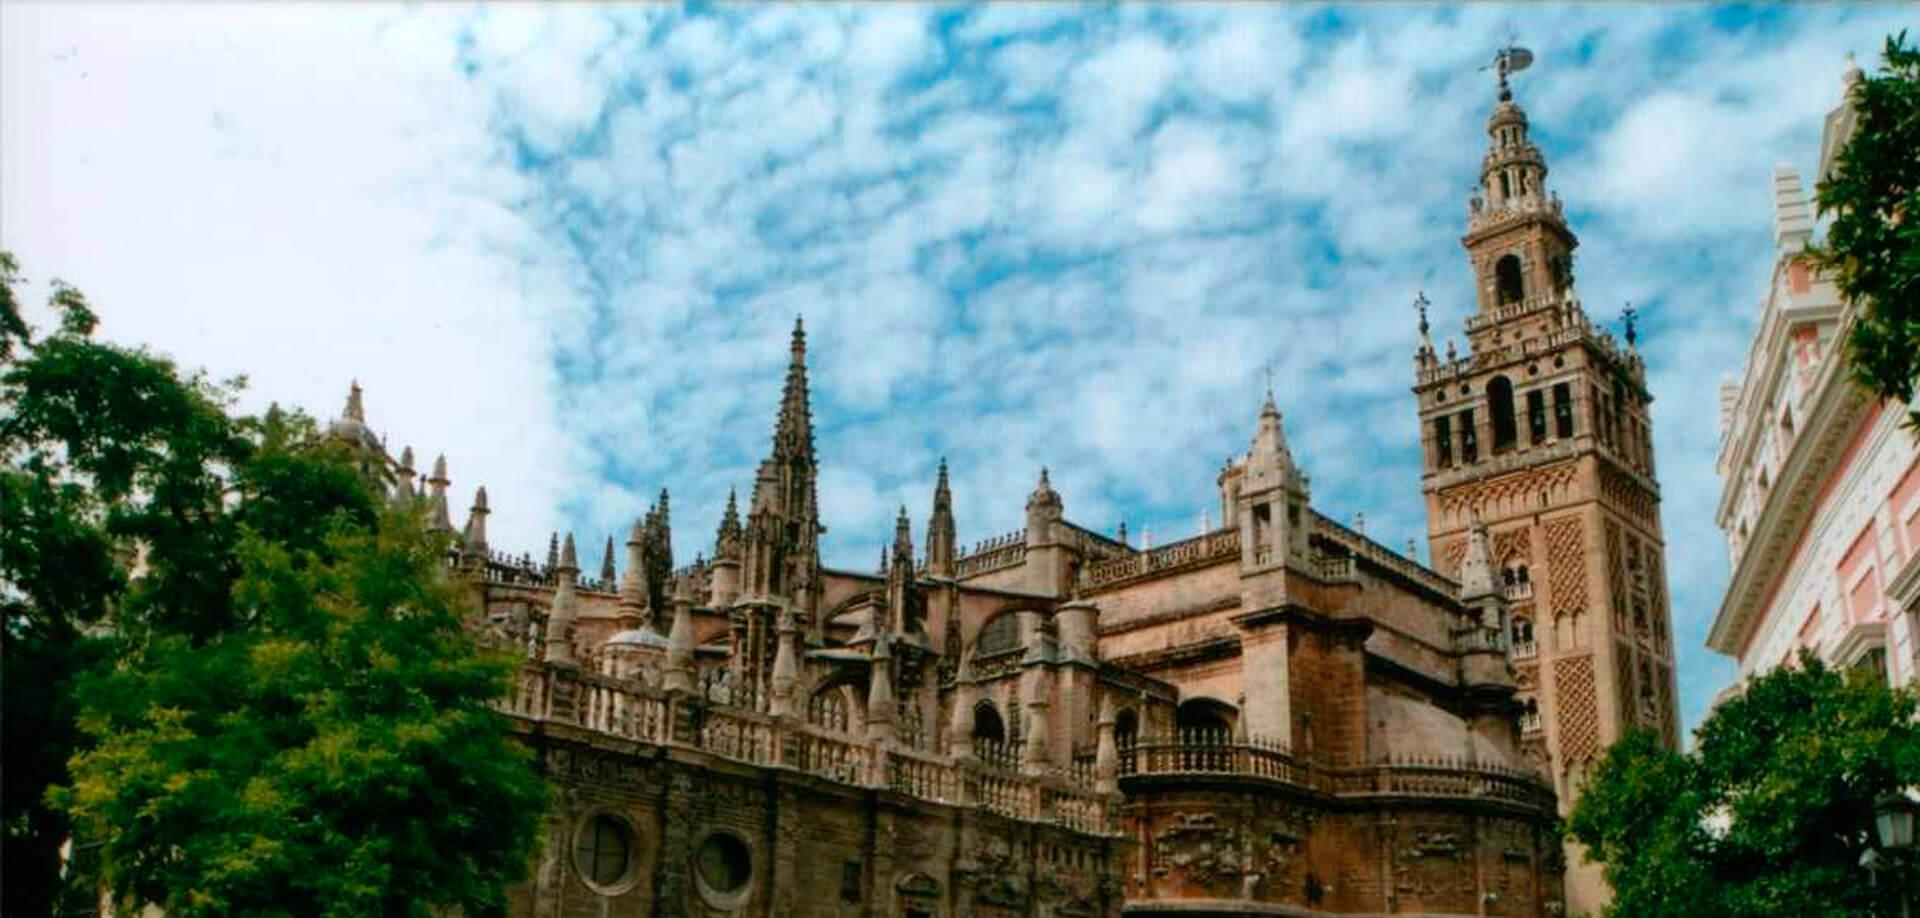 Sevilla - Tag zur freien Verfügung